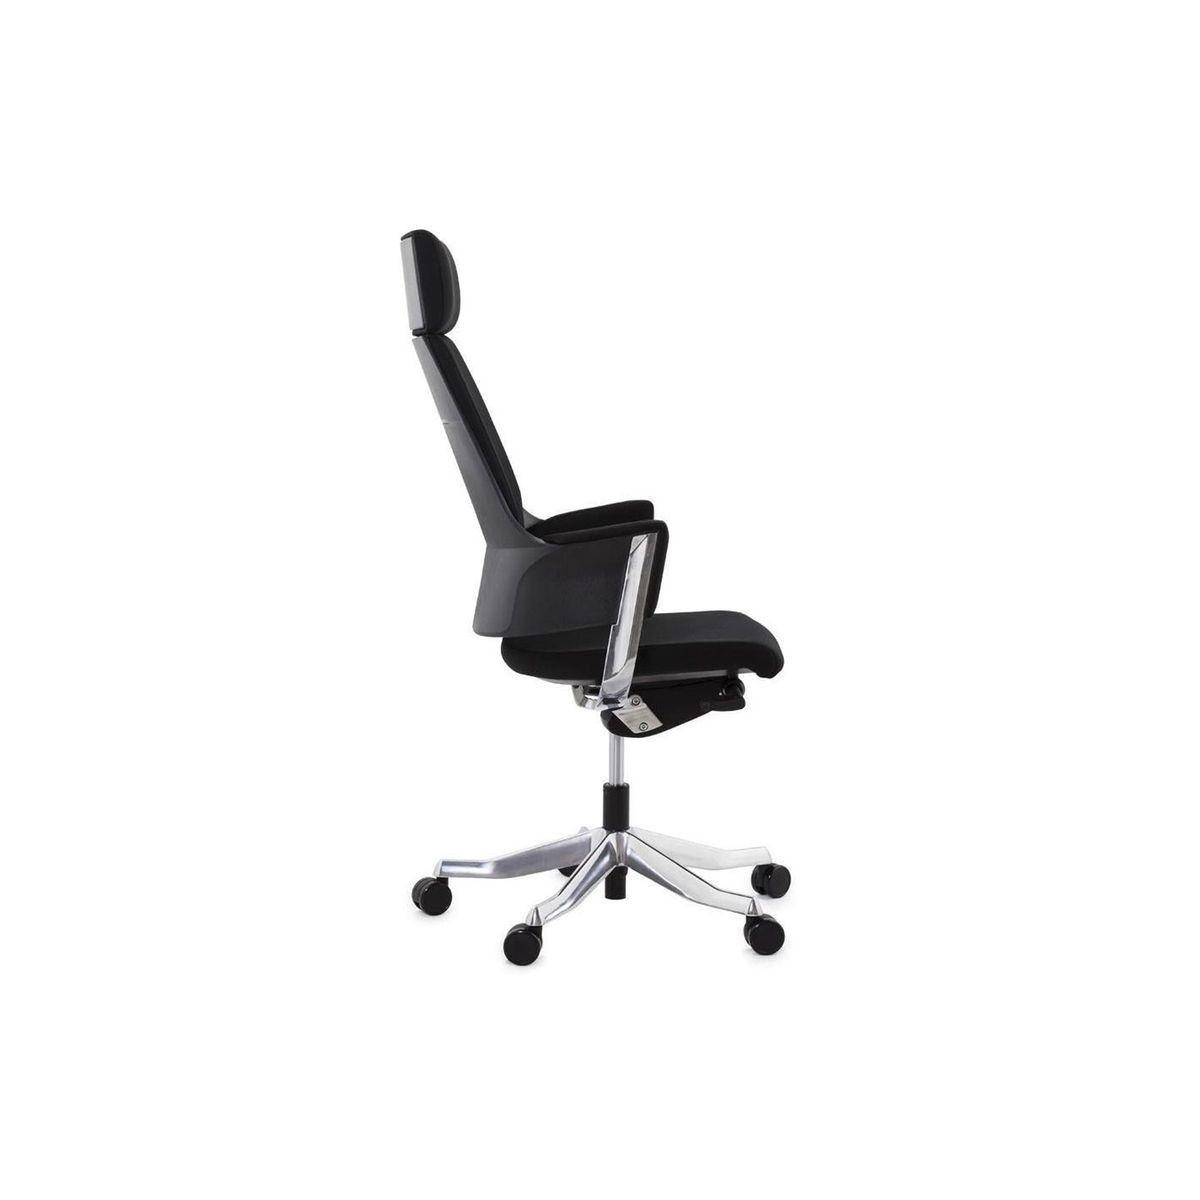 Fauteuil De Bureau Edwards Taille Taille Unique Fauteuil Bureau Chaise De Bureau Ergonomique Et Chaise